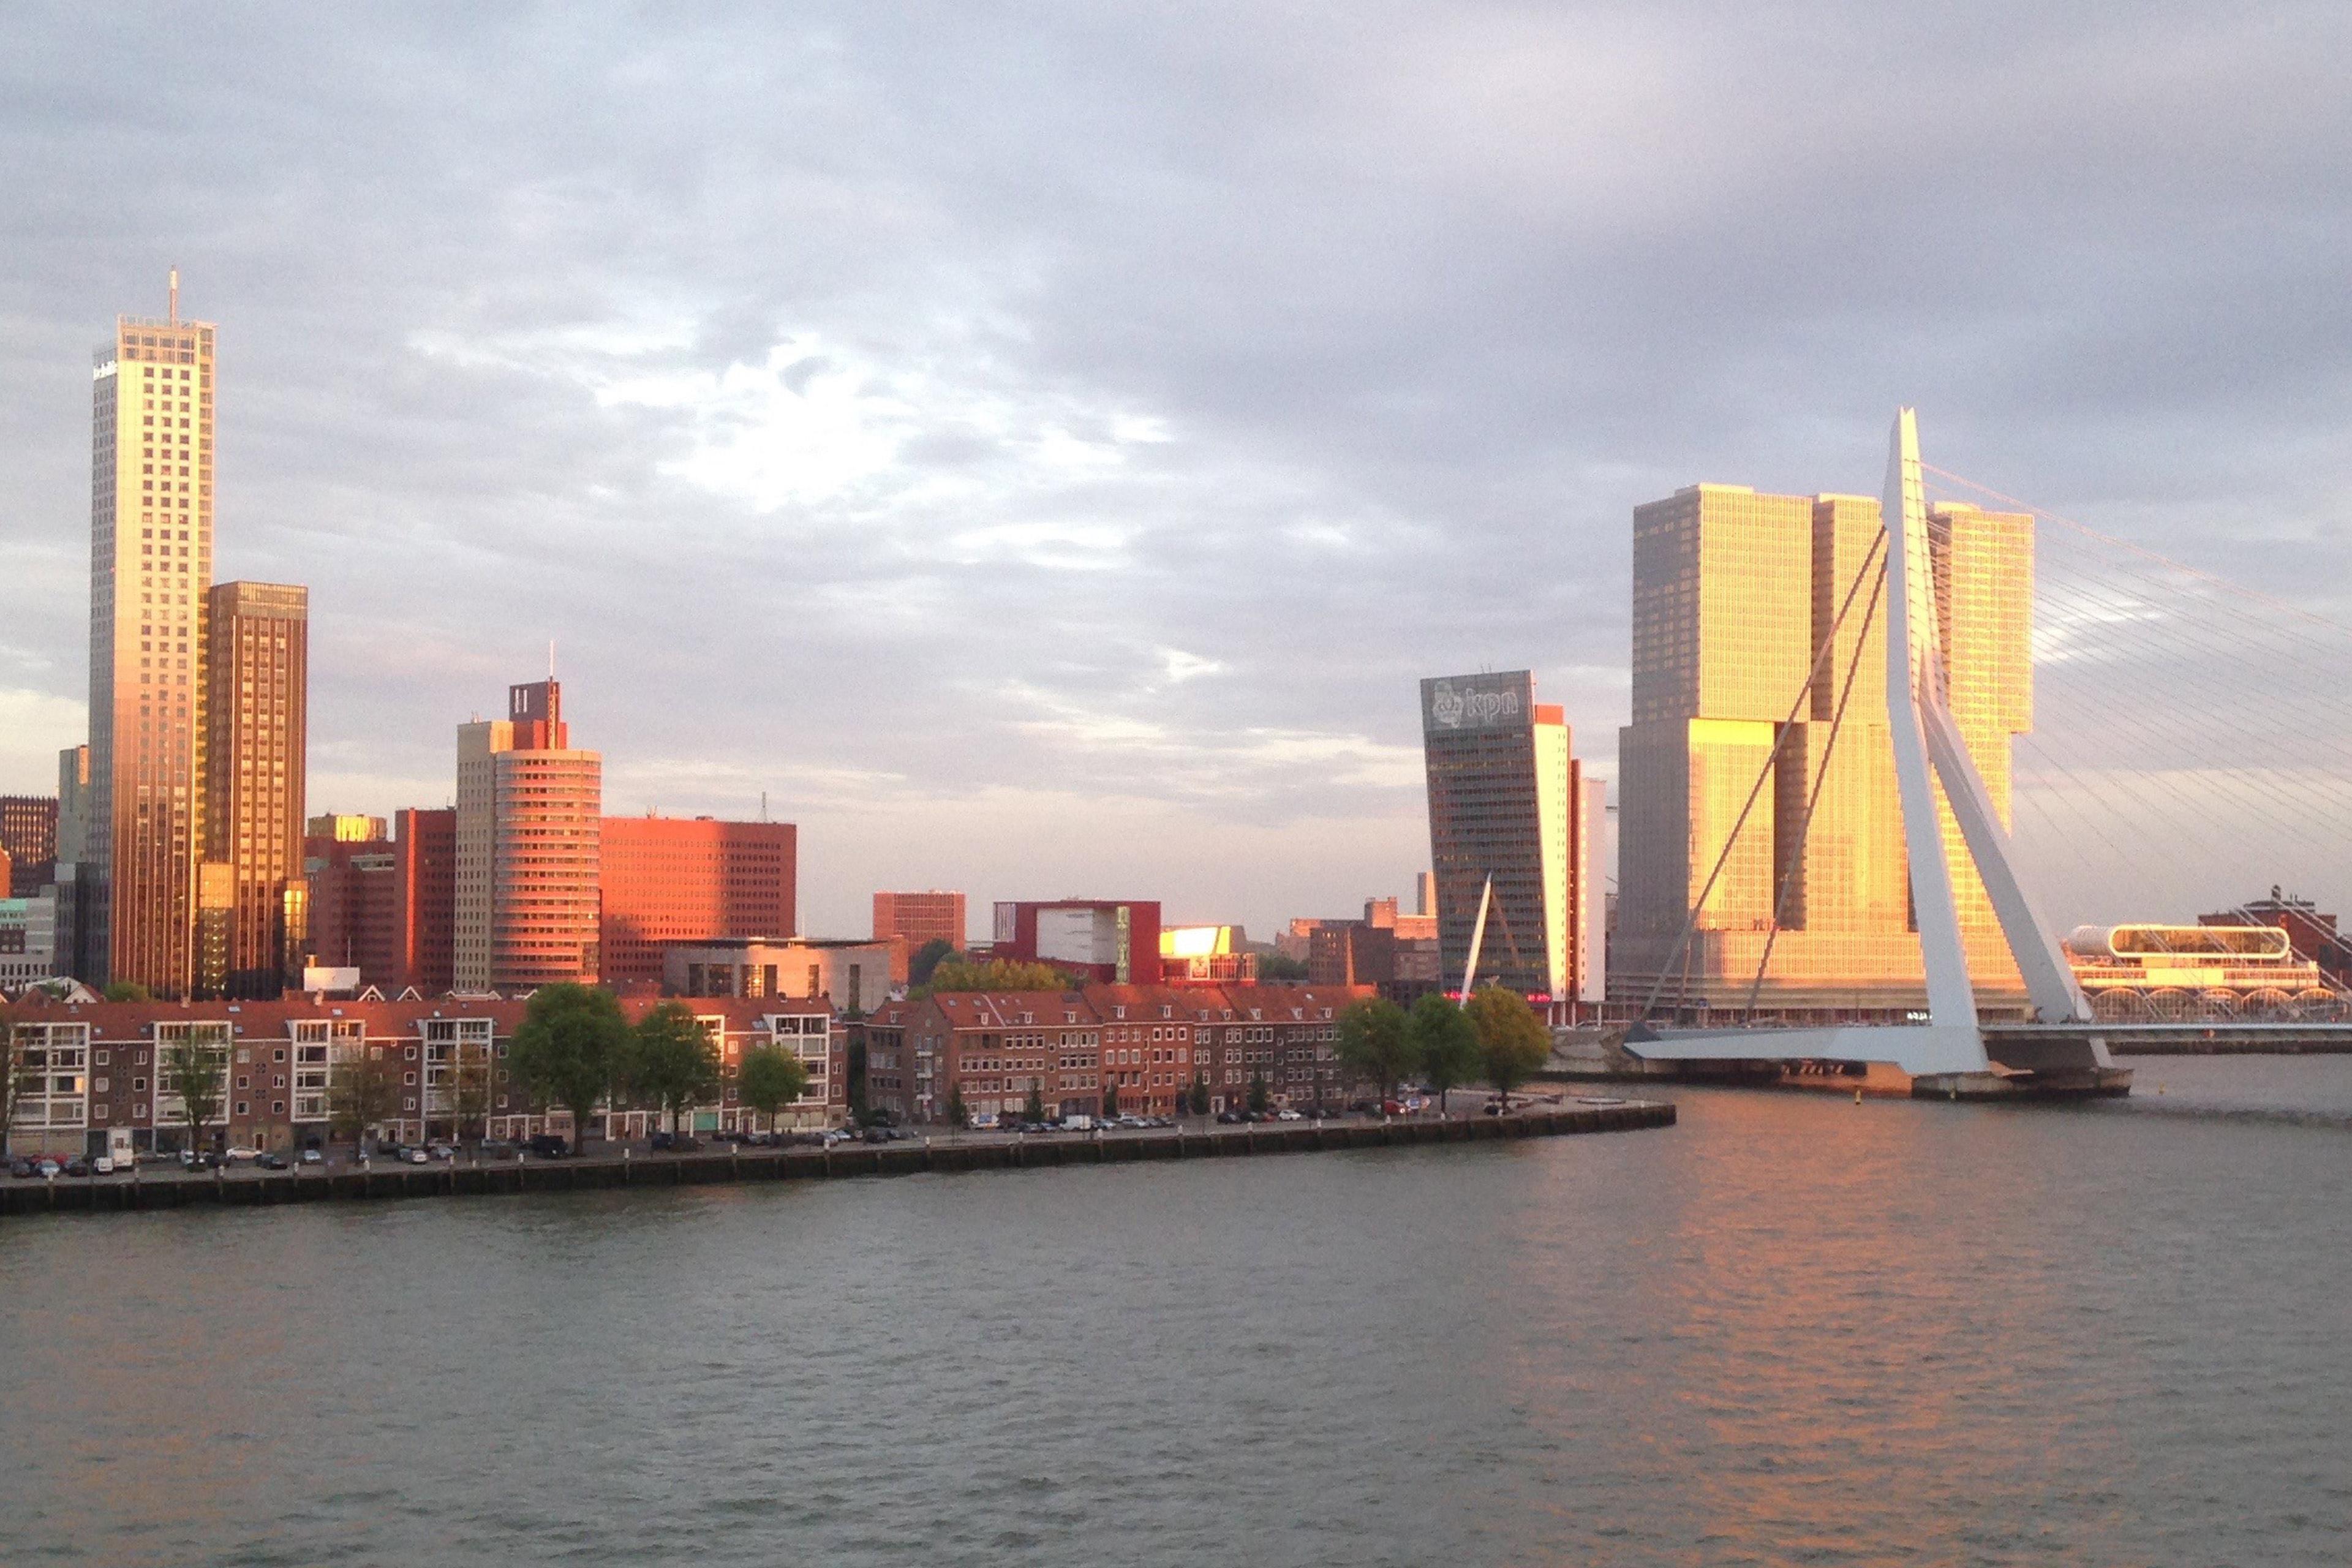 Rotterdam - city view